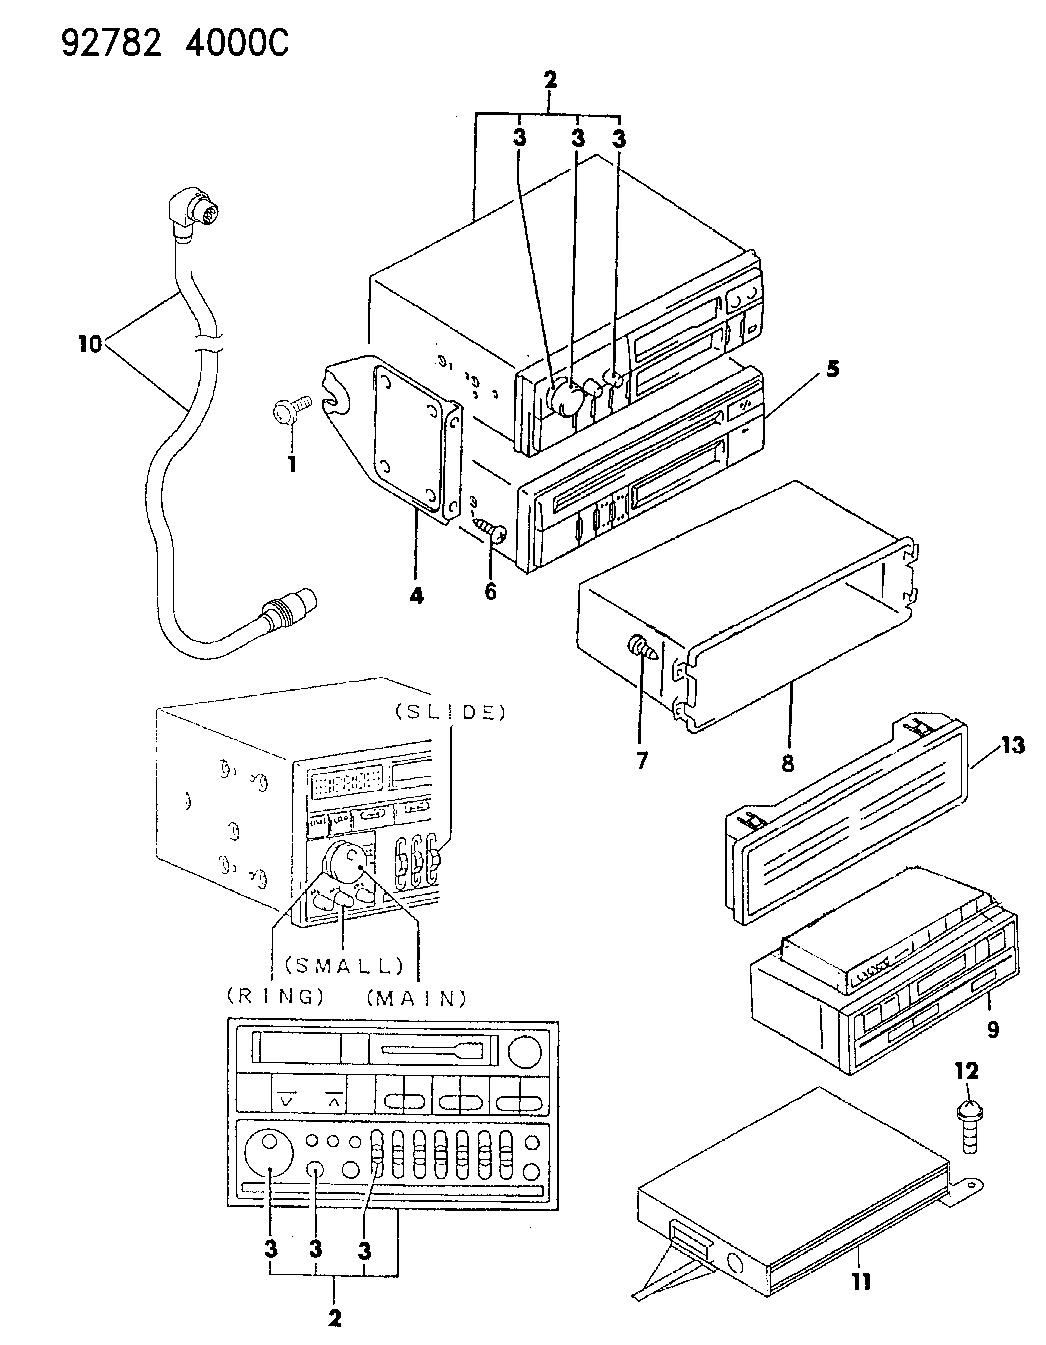 1992 Dodge Stealth Radio Mopar Parts Giant 92 Wiring Diagram